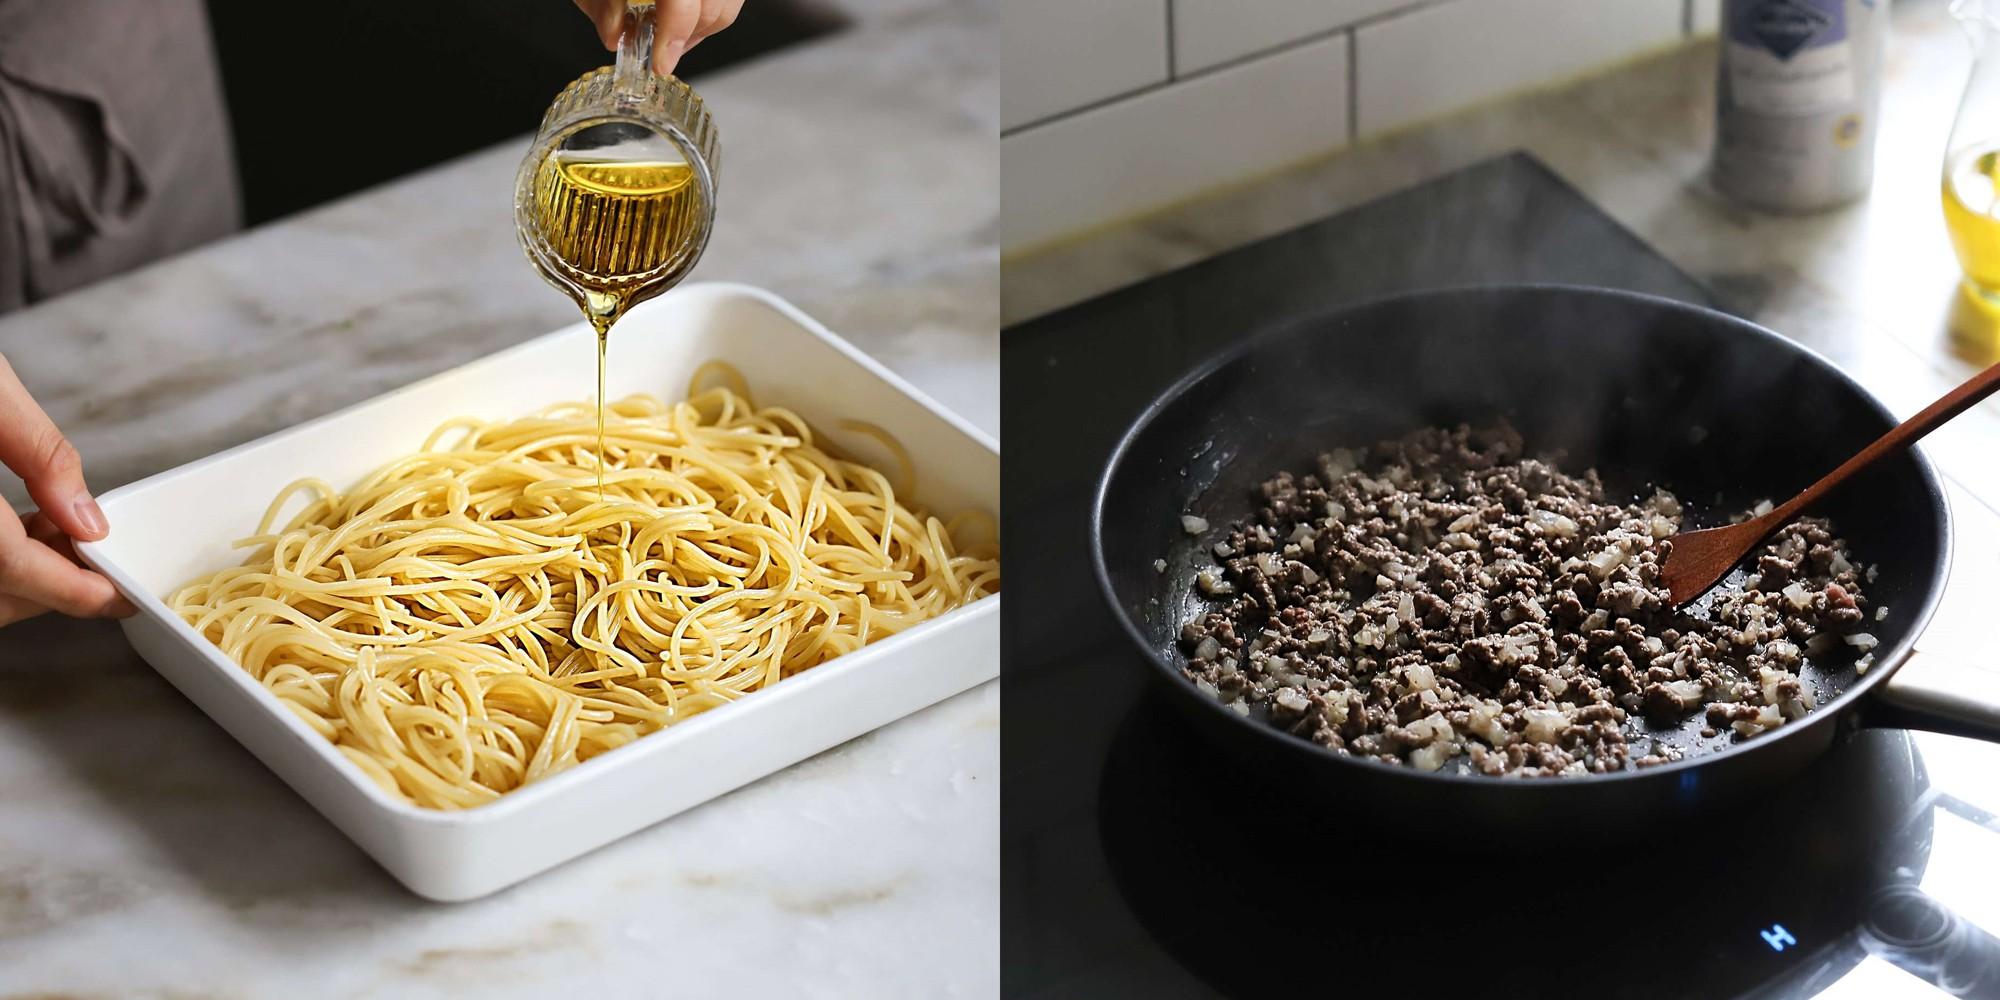 Món mì Ý ngon chuẩn vị hóa ra có cách làm dễ vô cùng! - Ảnh 3.